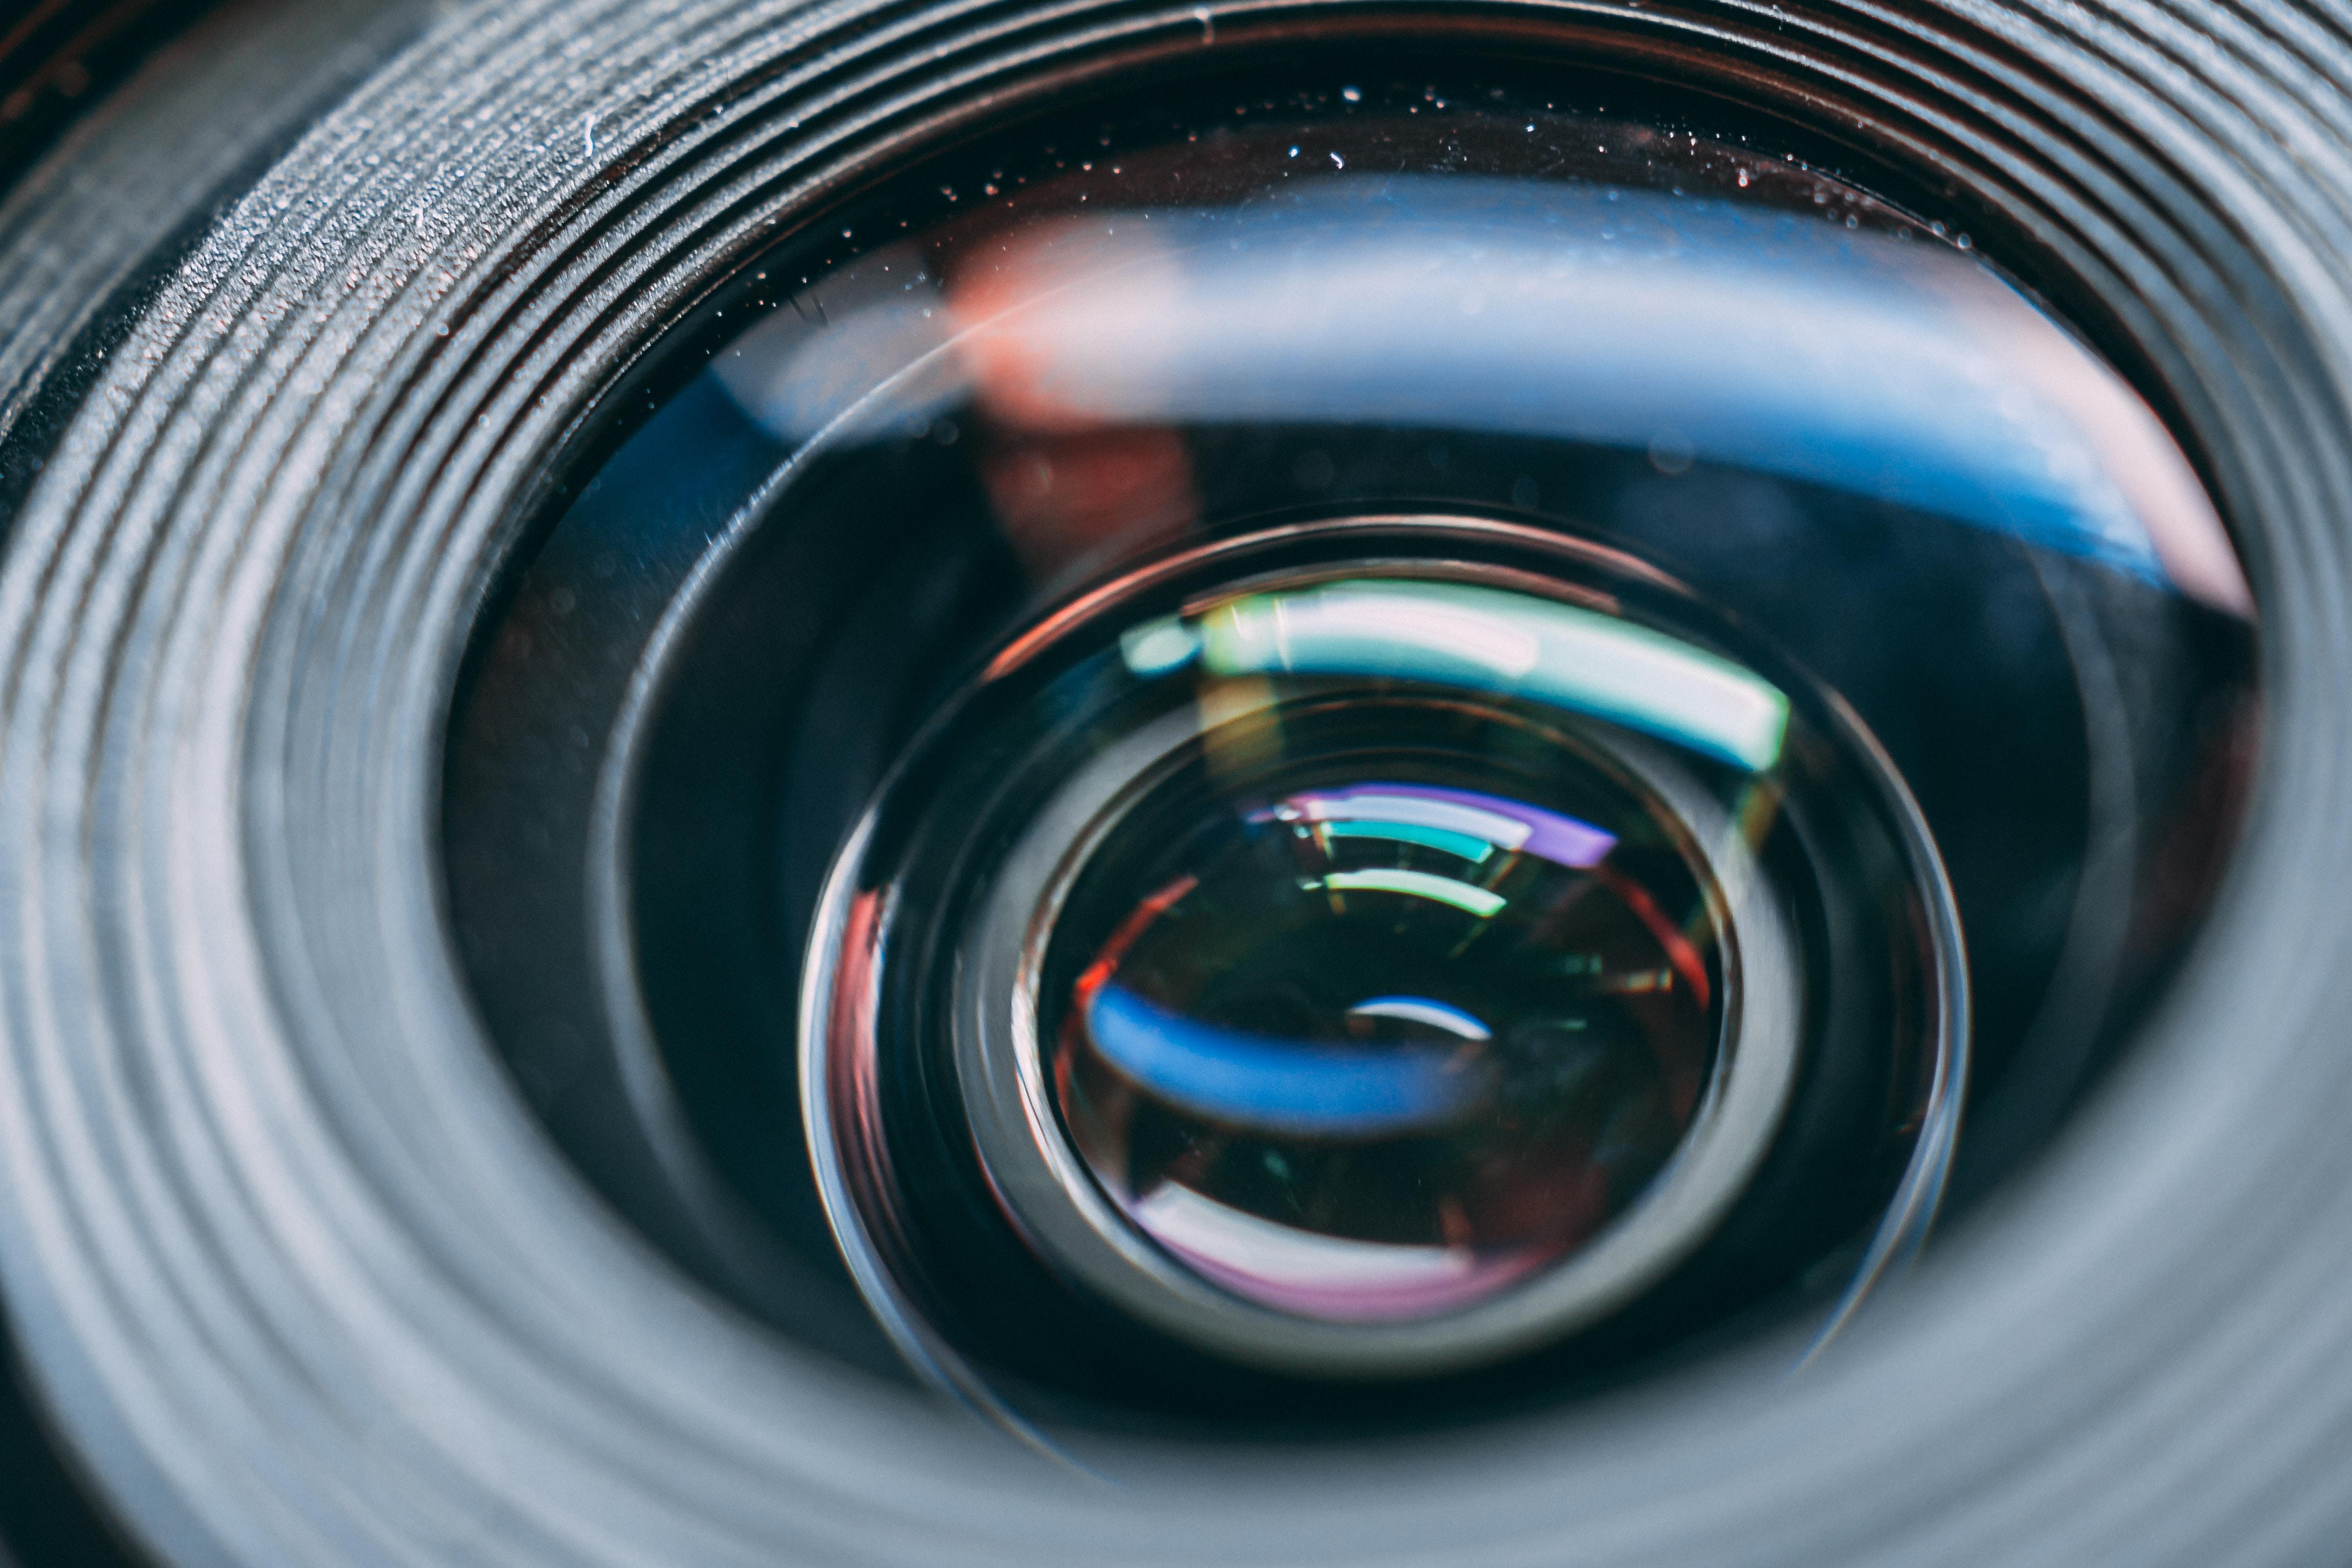 macro shot of camera lens